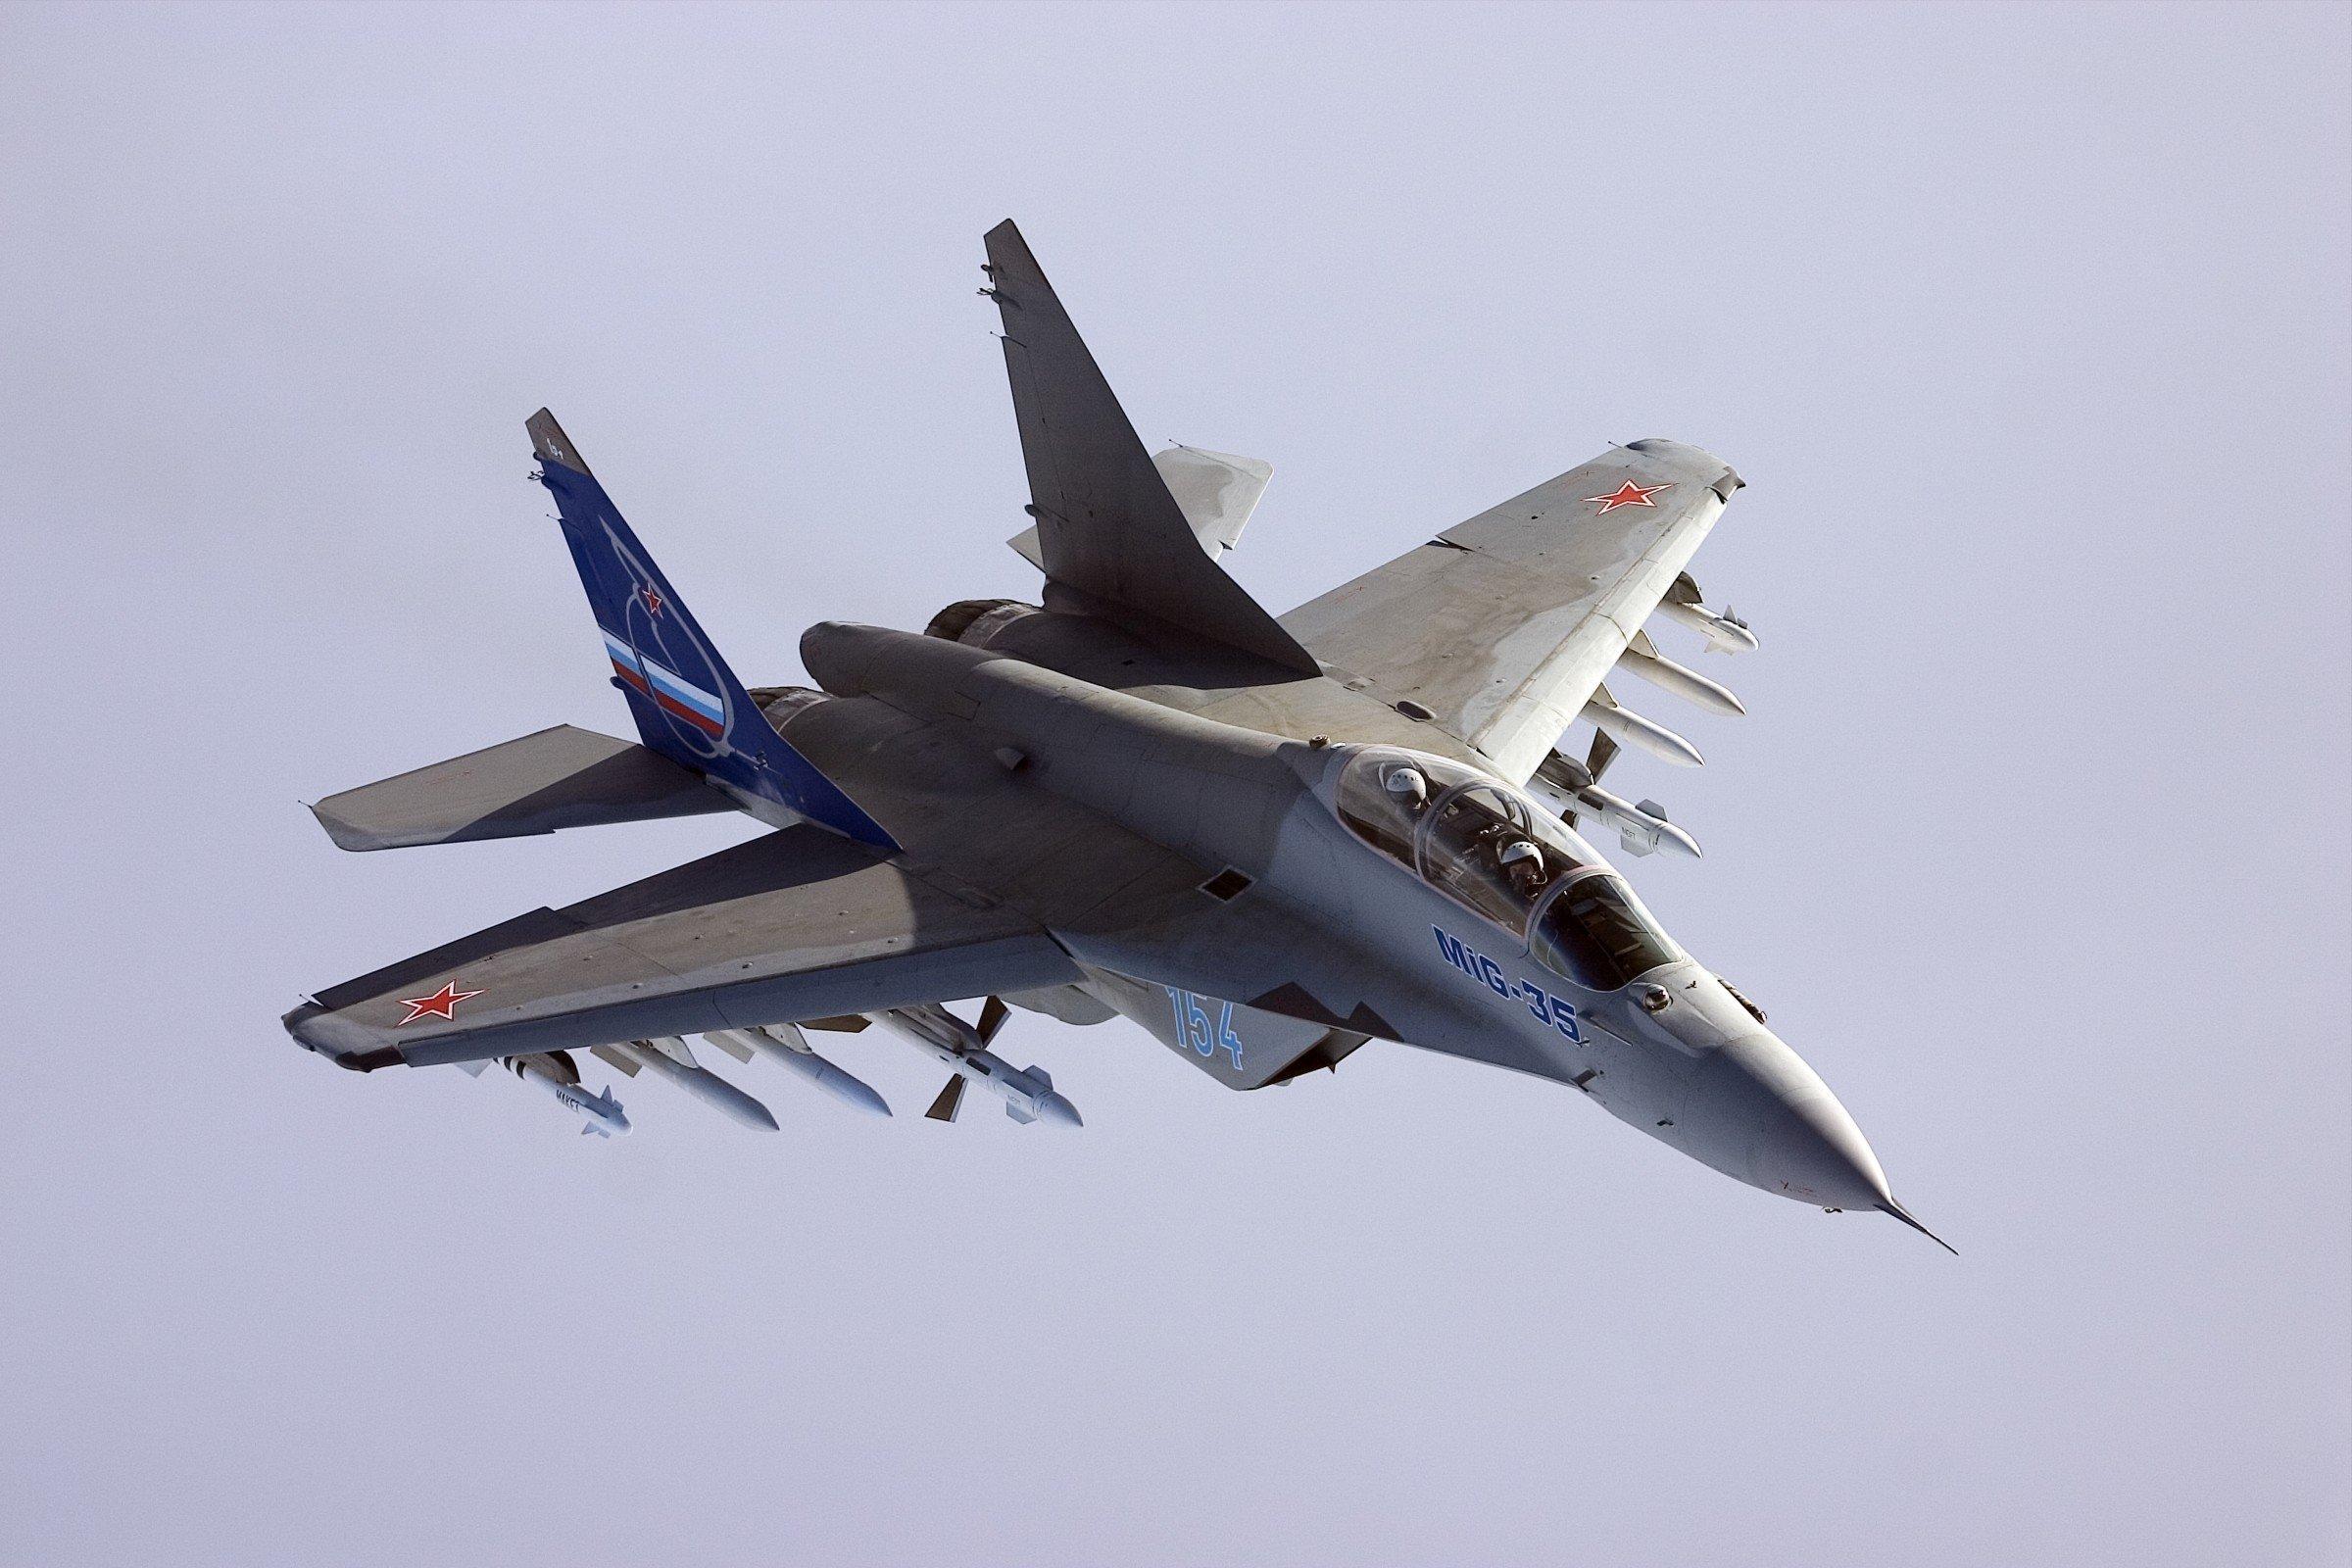 night mig25 foxbat russian air force jet 1500x1013 wallpaper High ...